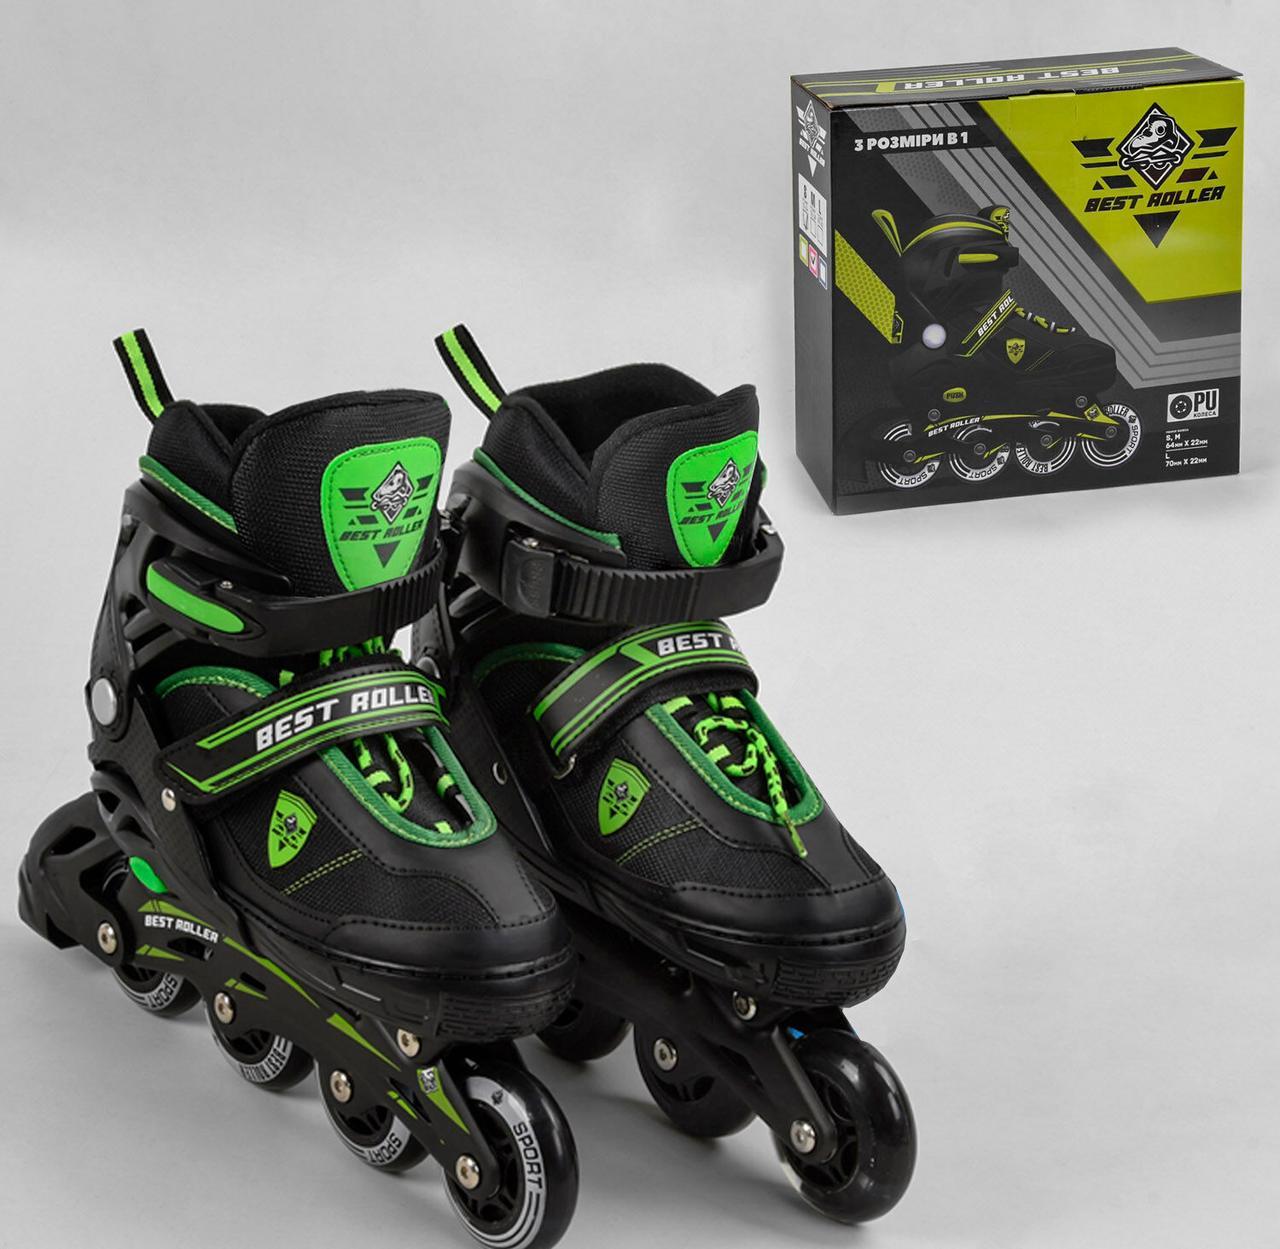 Дитячі ролики з регулюванням розміру, PU колесами 66008-М Best Roller (розмір 35-38), колір зелений